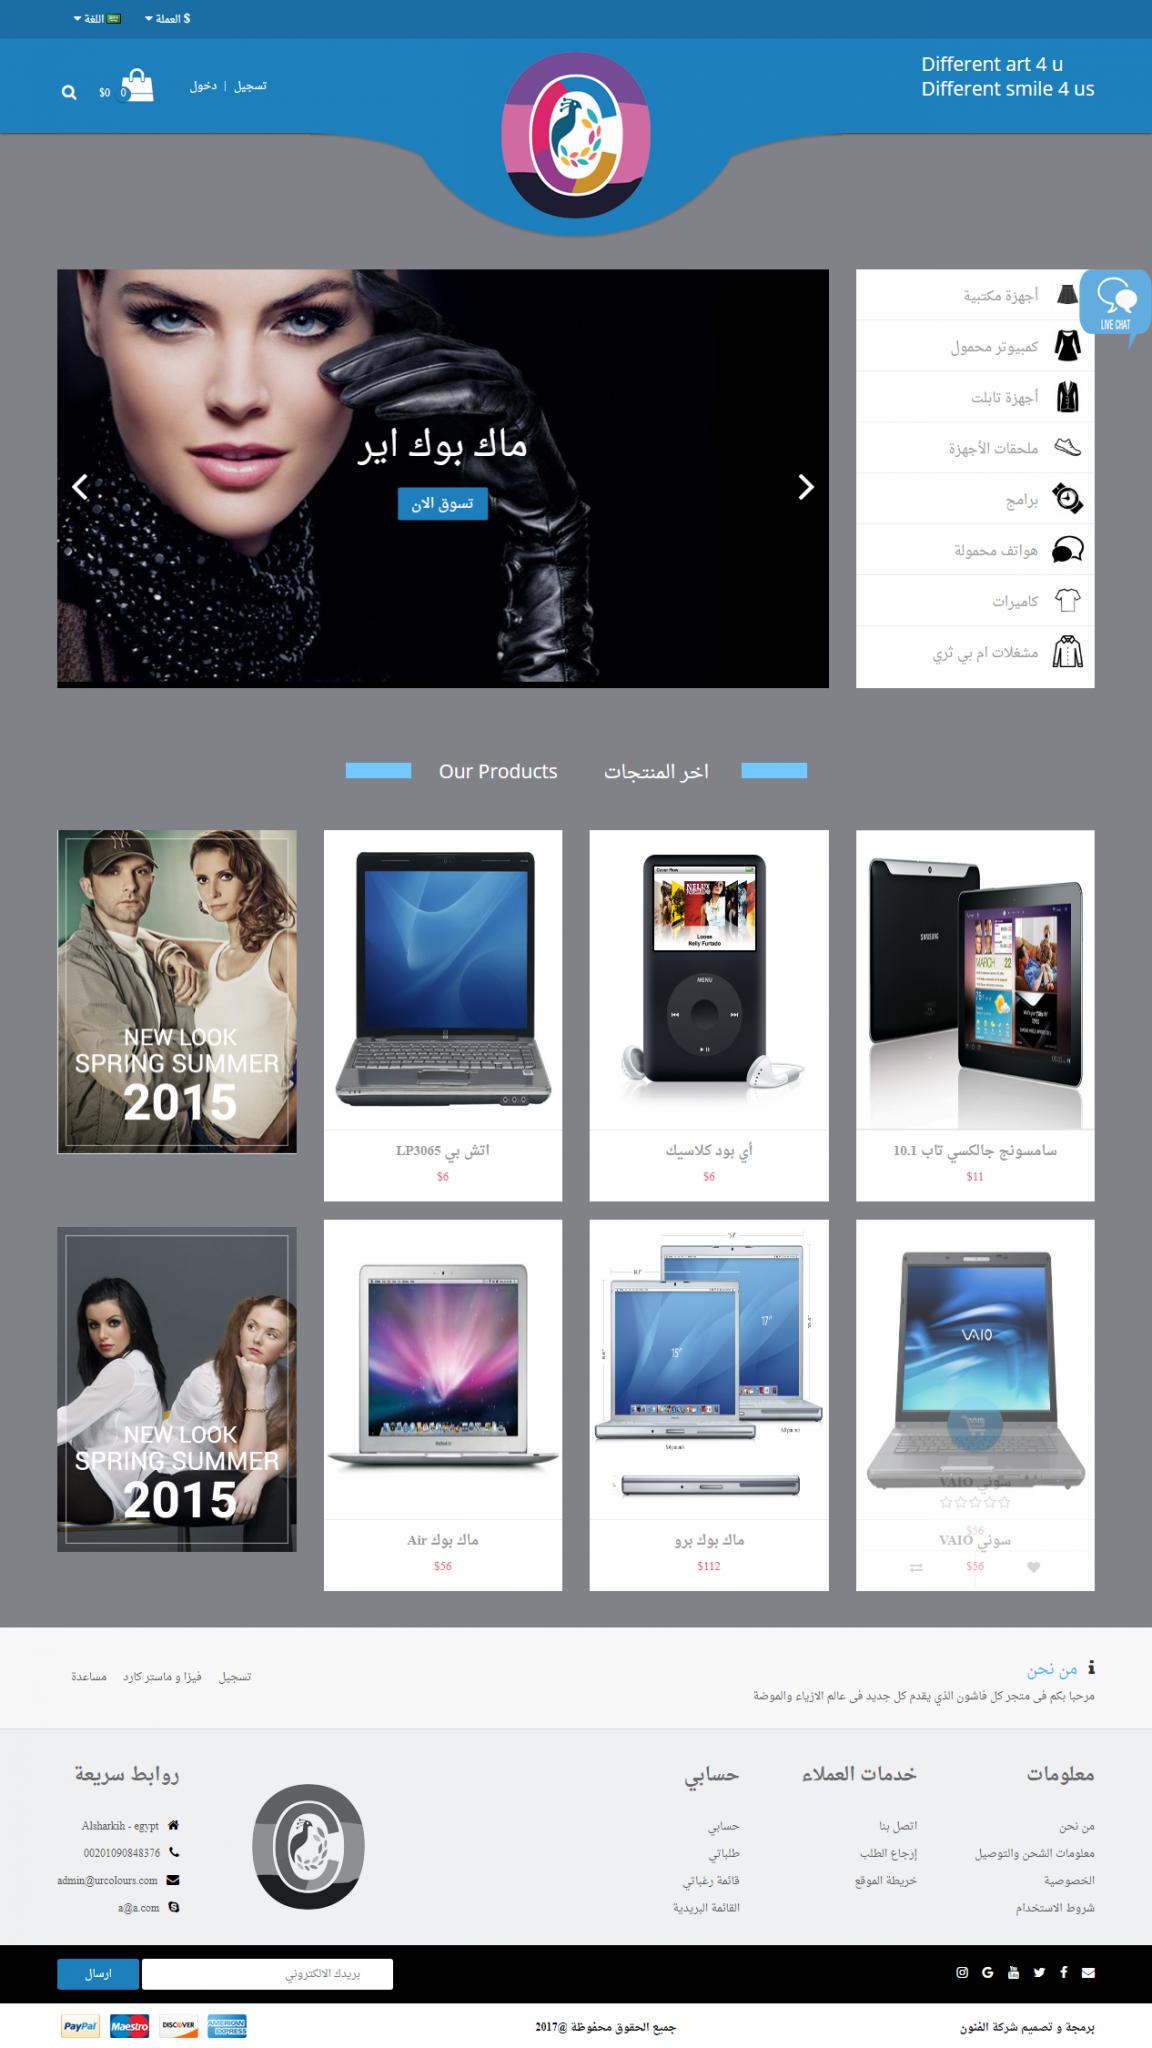 برمجة و تصميم تطبيق و موقع متجر الكتروني على اندرويد